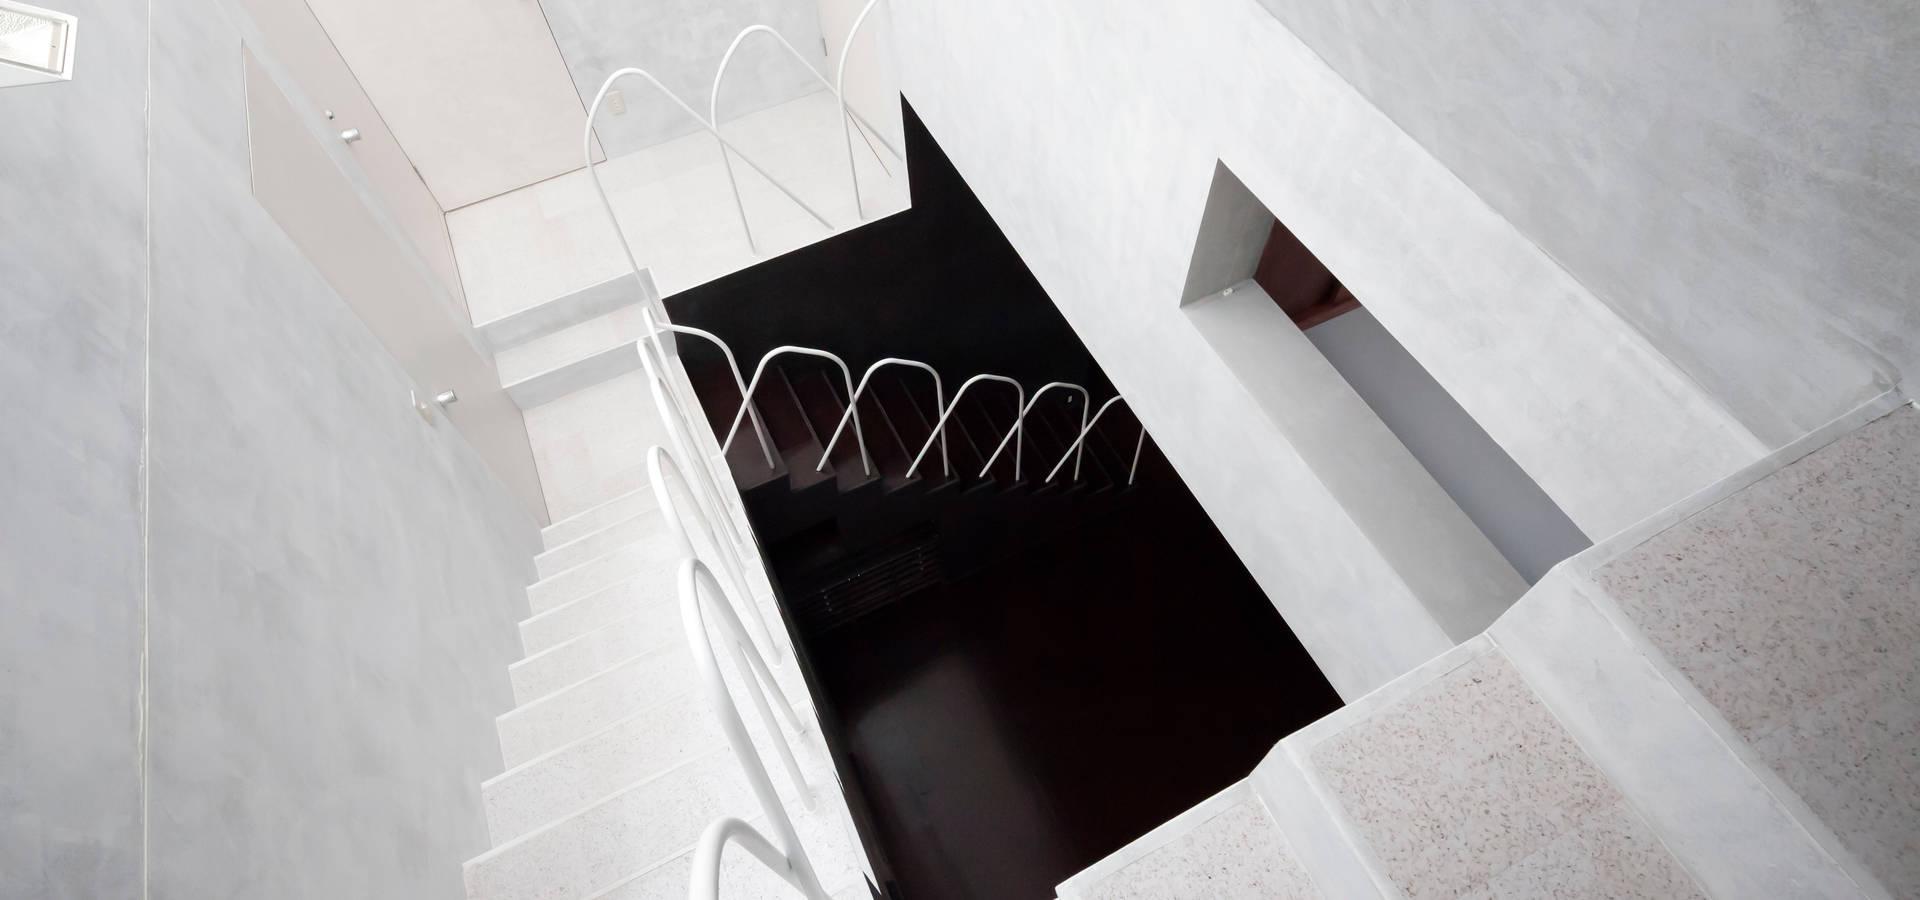 坂牛卓一級建築士事務所+O.F.D.A./Taku Sakaushi architects + O.F.D.A.